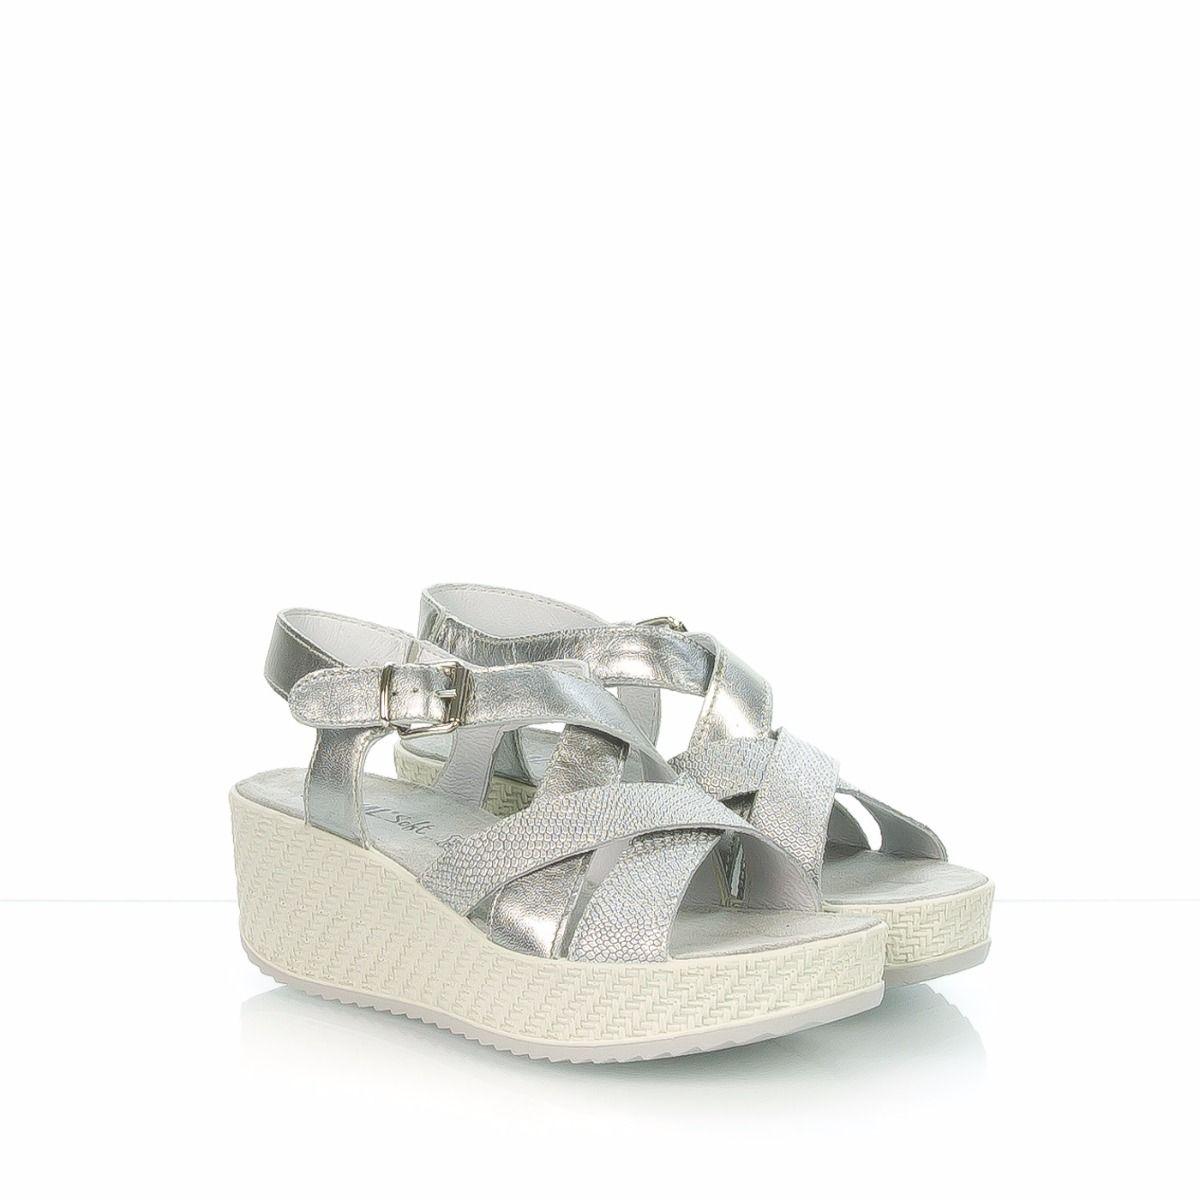 Sandalo da donna con zeppa incrocio argento ENVAL SOFT 1a204ce3b9c